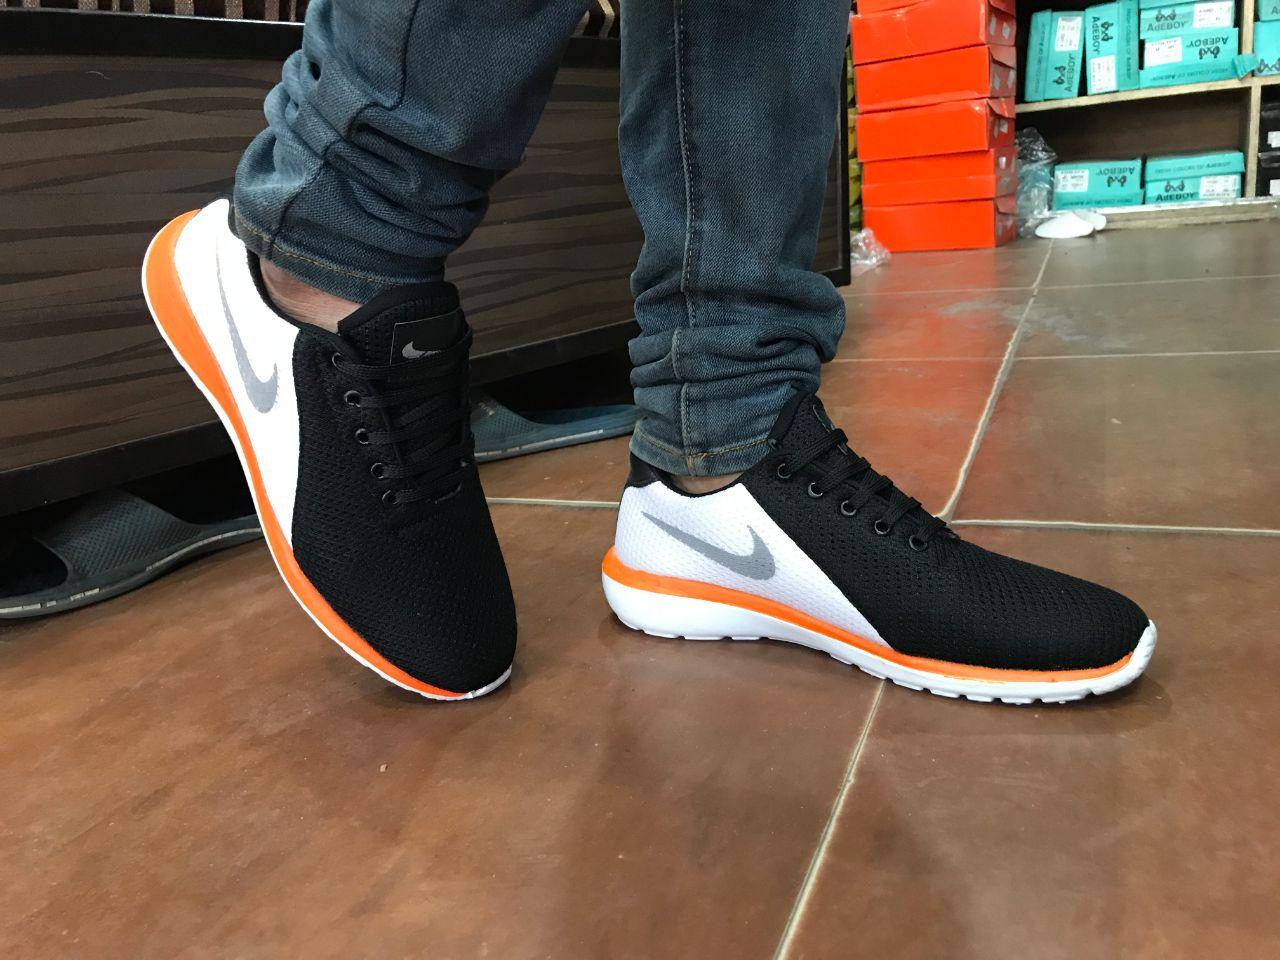 residuo Principiante Disminución  Nike Magnet shoes - Dashmesh Online Store